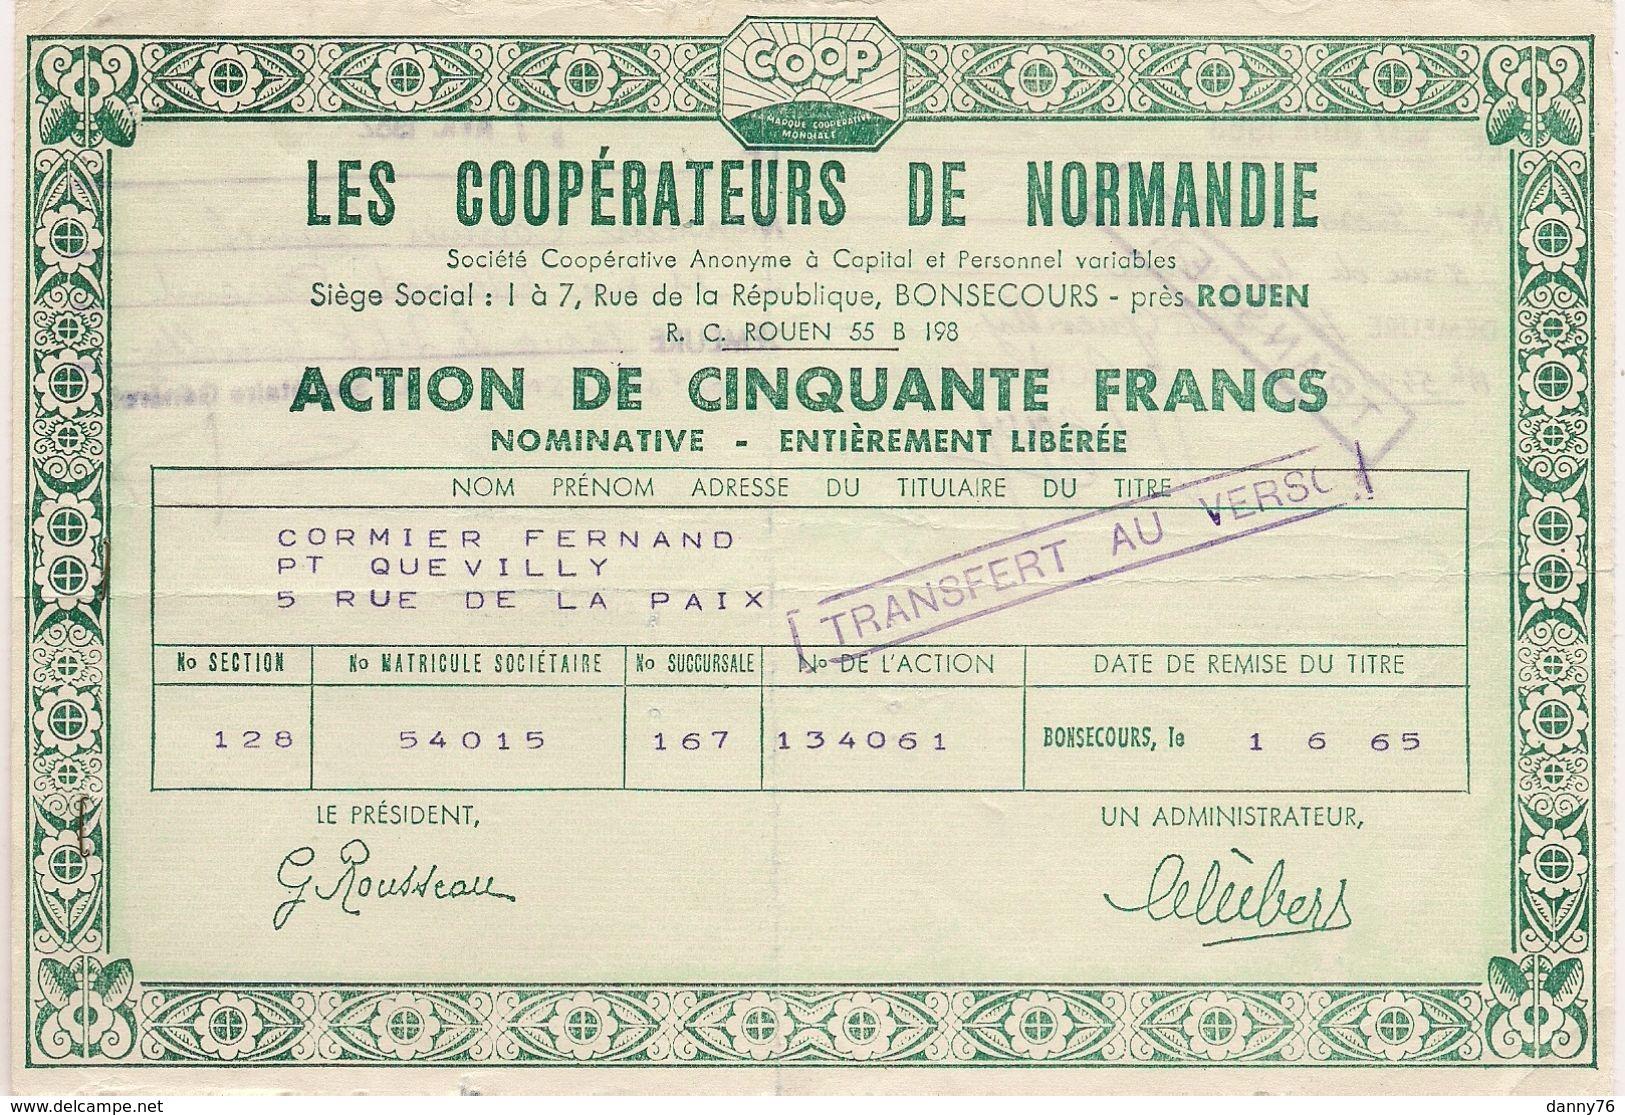 ACTION DE 50 NOUVEAUX FRANCS DES COOPERATEURS DE NORMANDIE à BLOSSEVILLE-BONSECOURS Près ROUEN * 1965 * - Actions & Titres